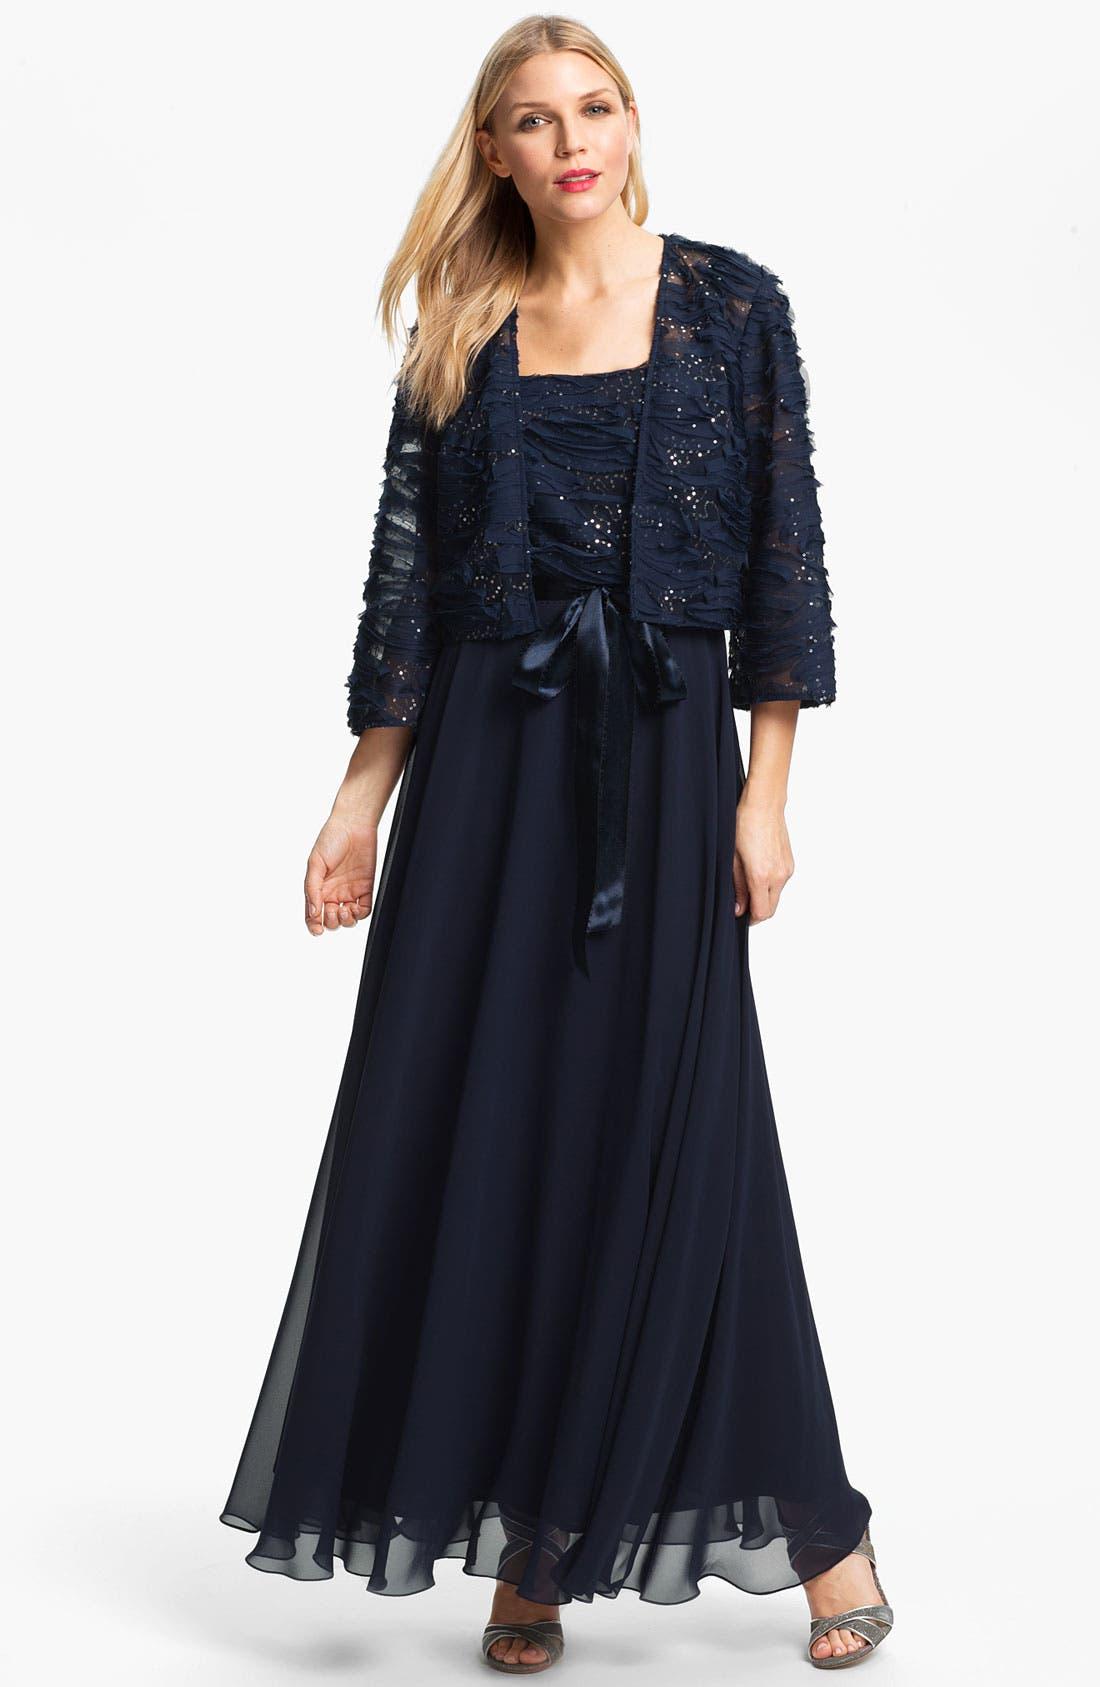 Main Image - Patra Embellished Chiffon Gown & Jacket